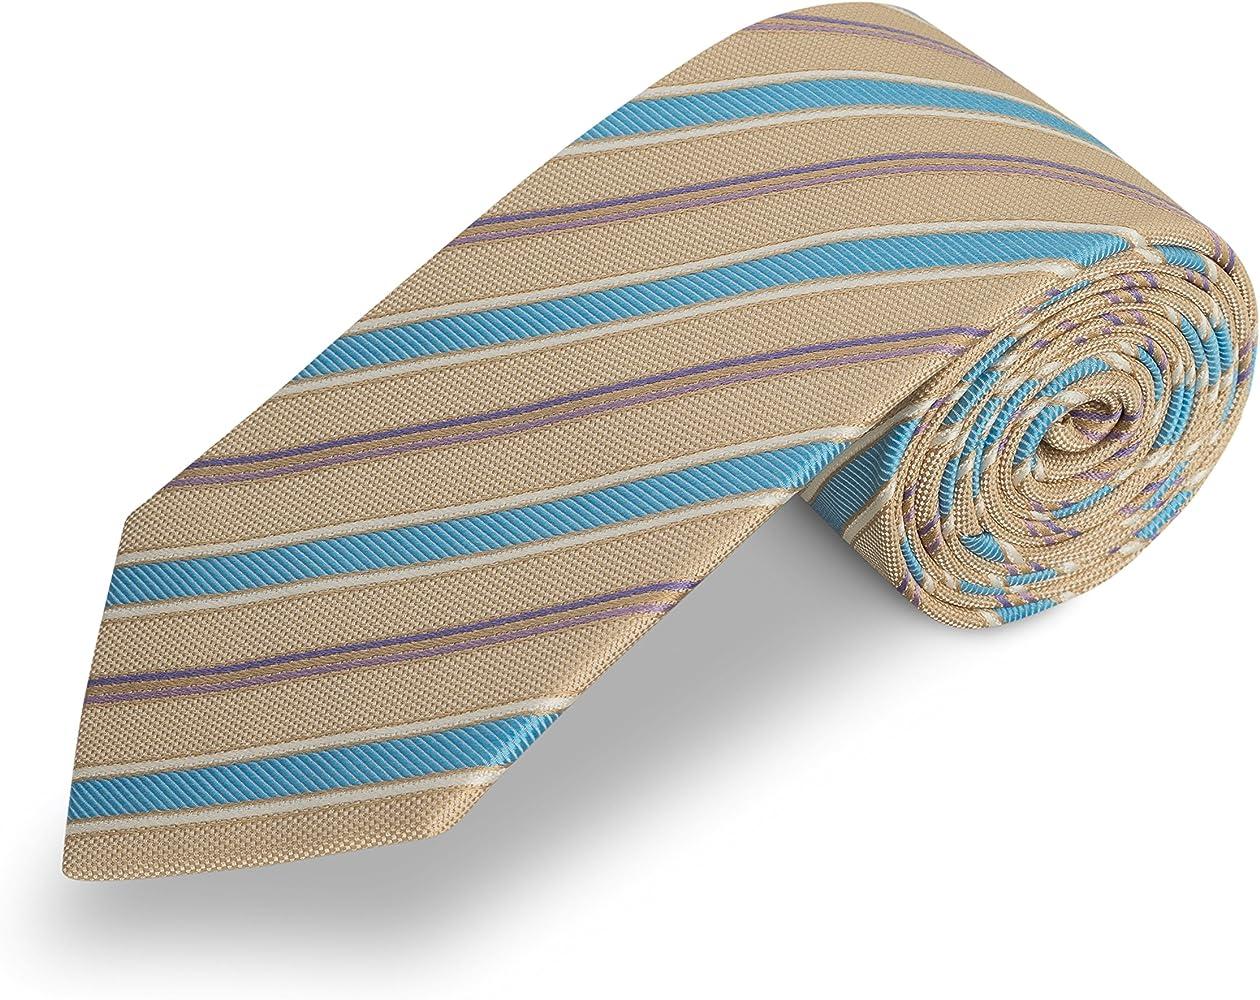 Corbata beige rayas azul - corbatas marron claro - corbata ...